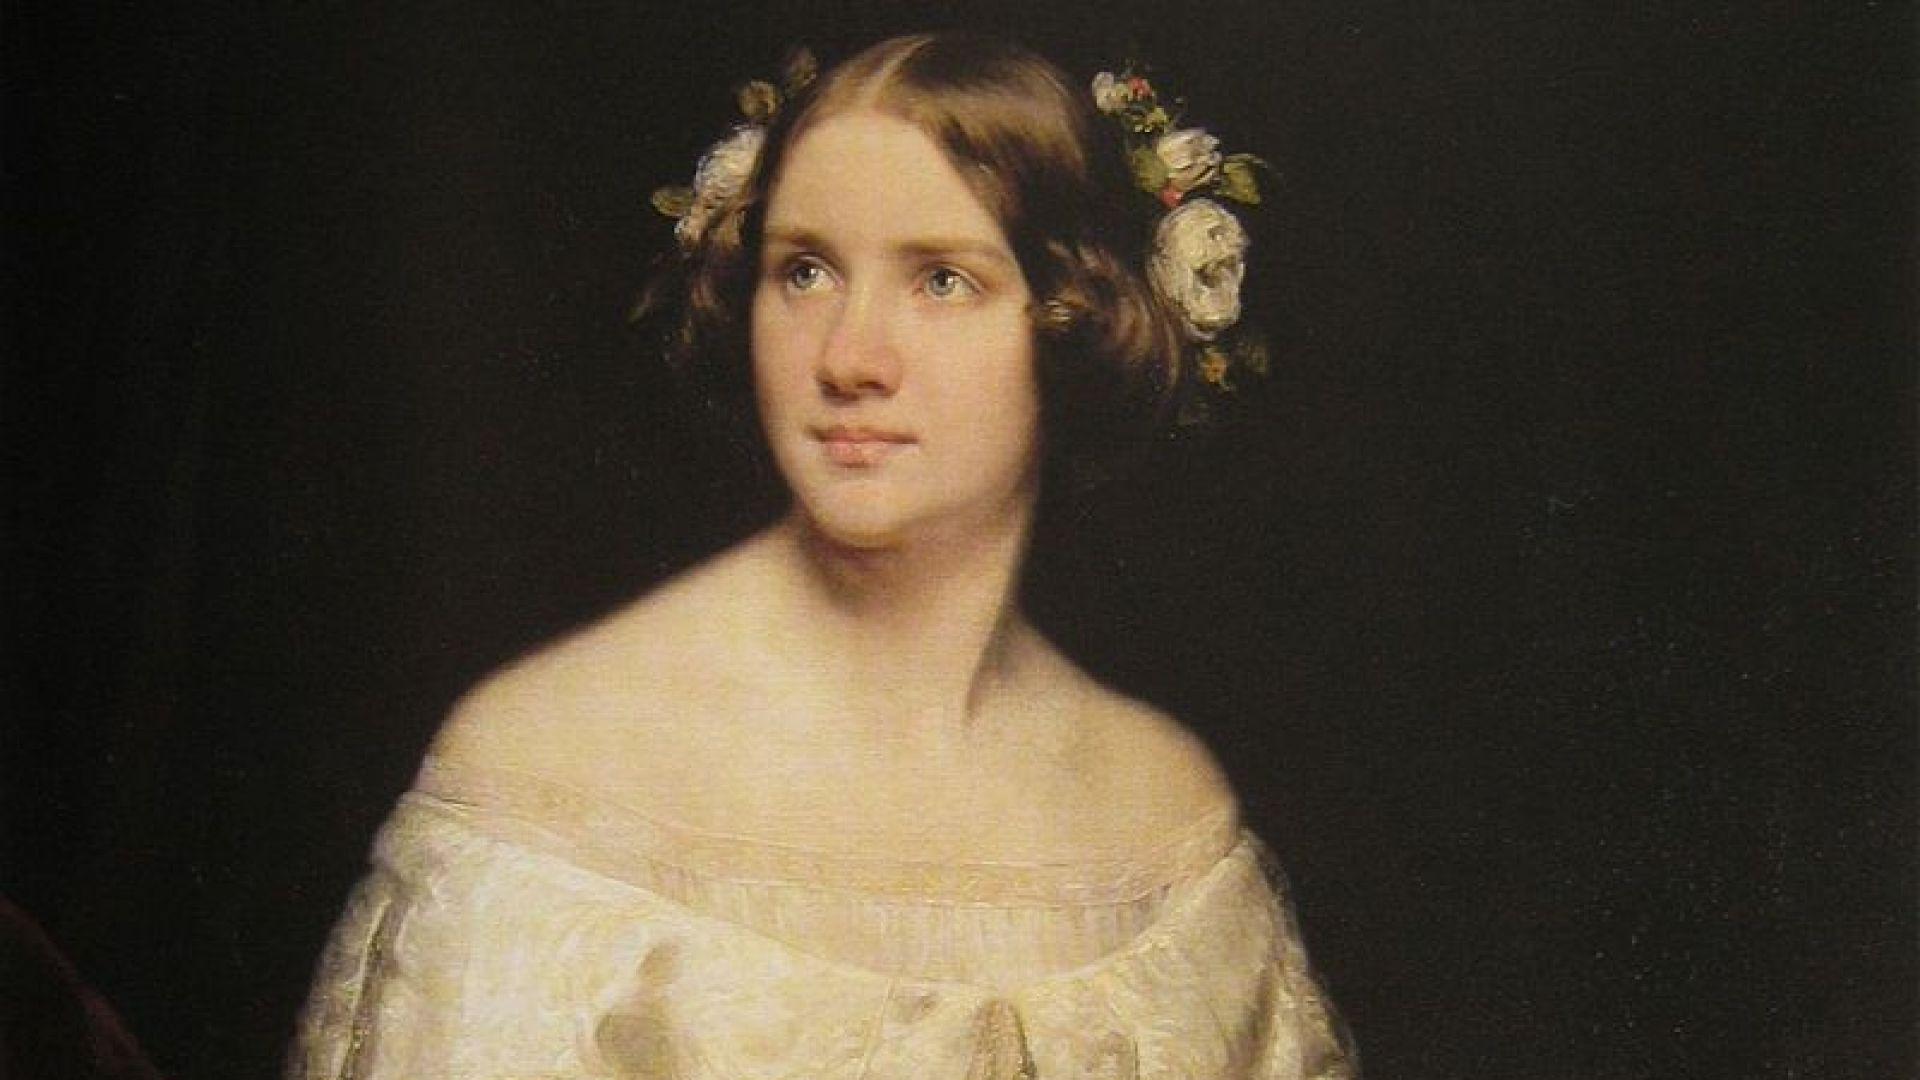 Портрет на Джени Линд от художникa Едуард Магнус